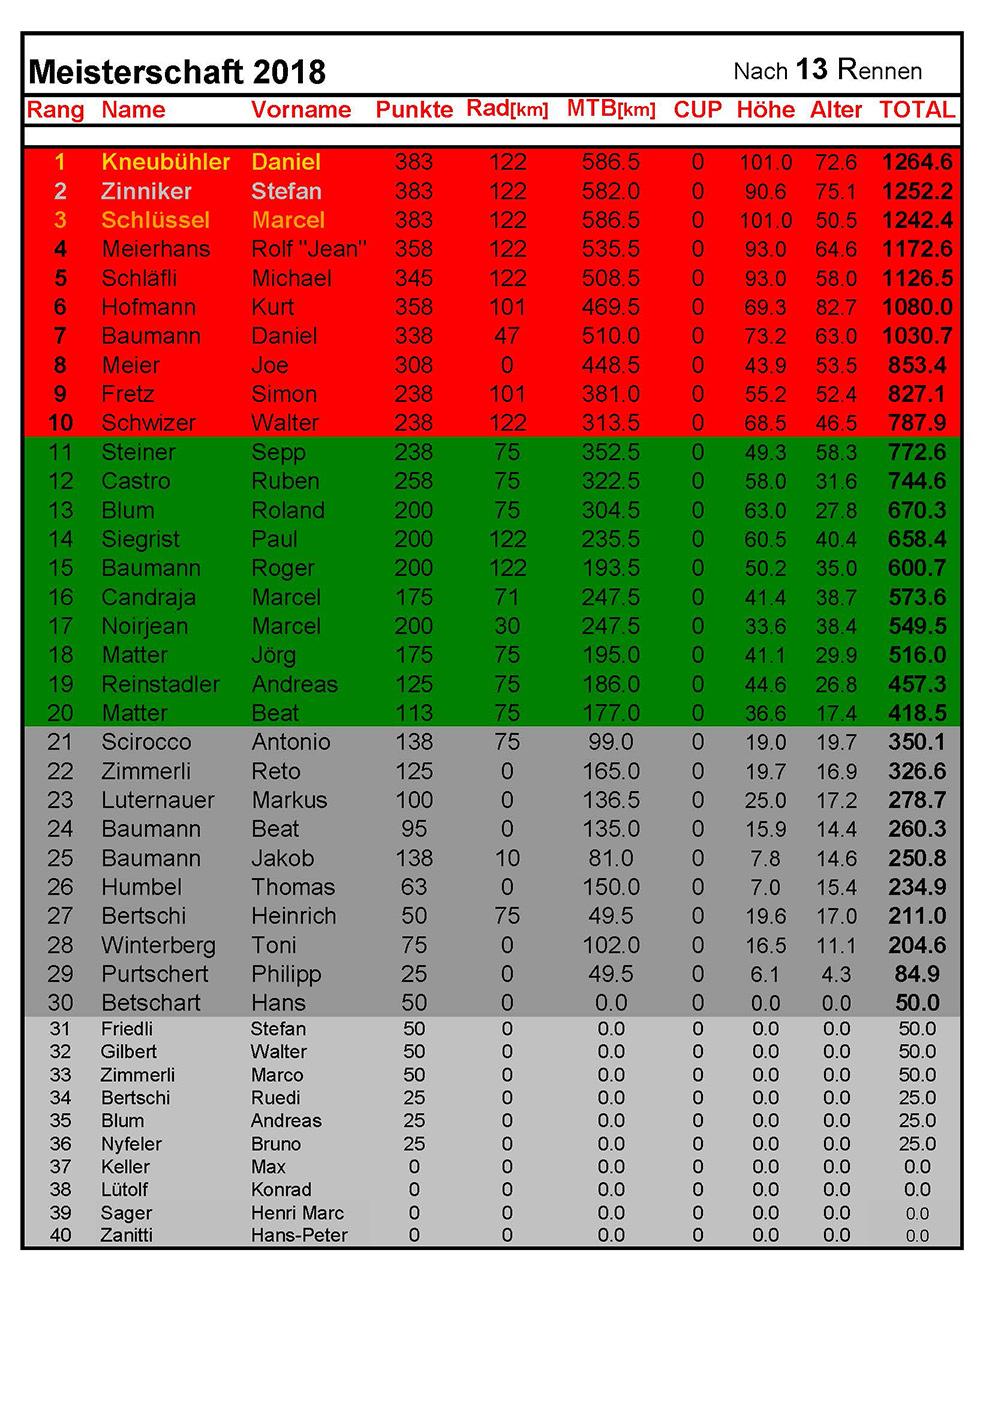 Rangliste2018 - nach 13Rennen